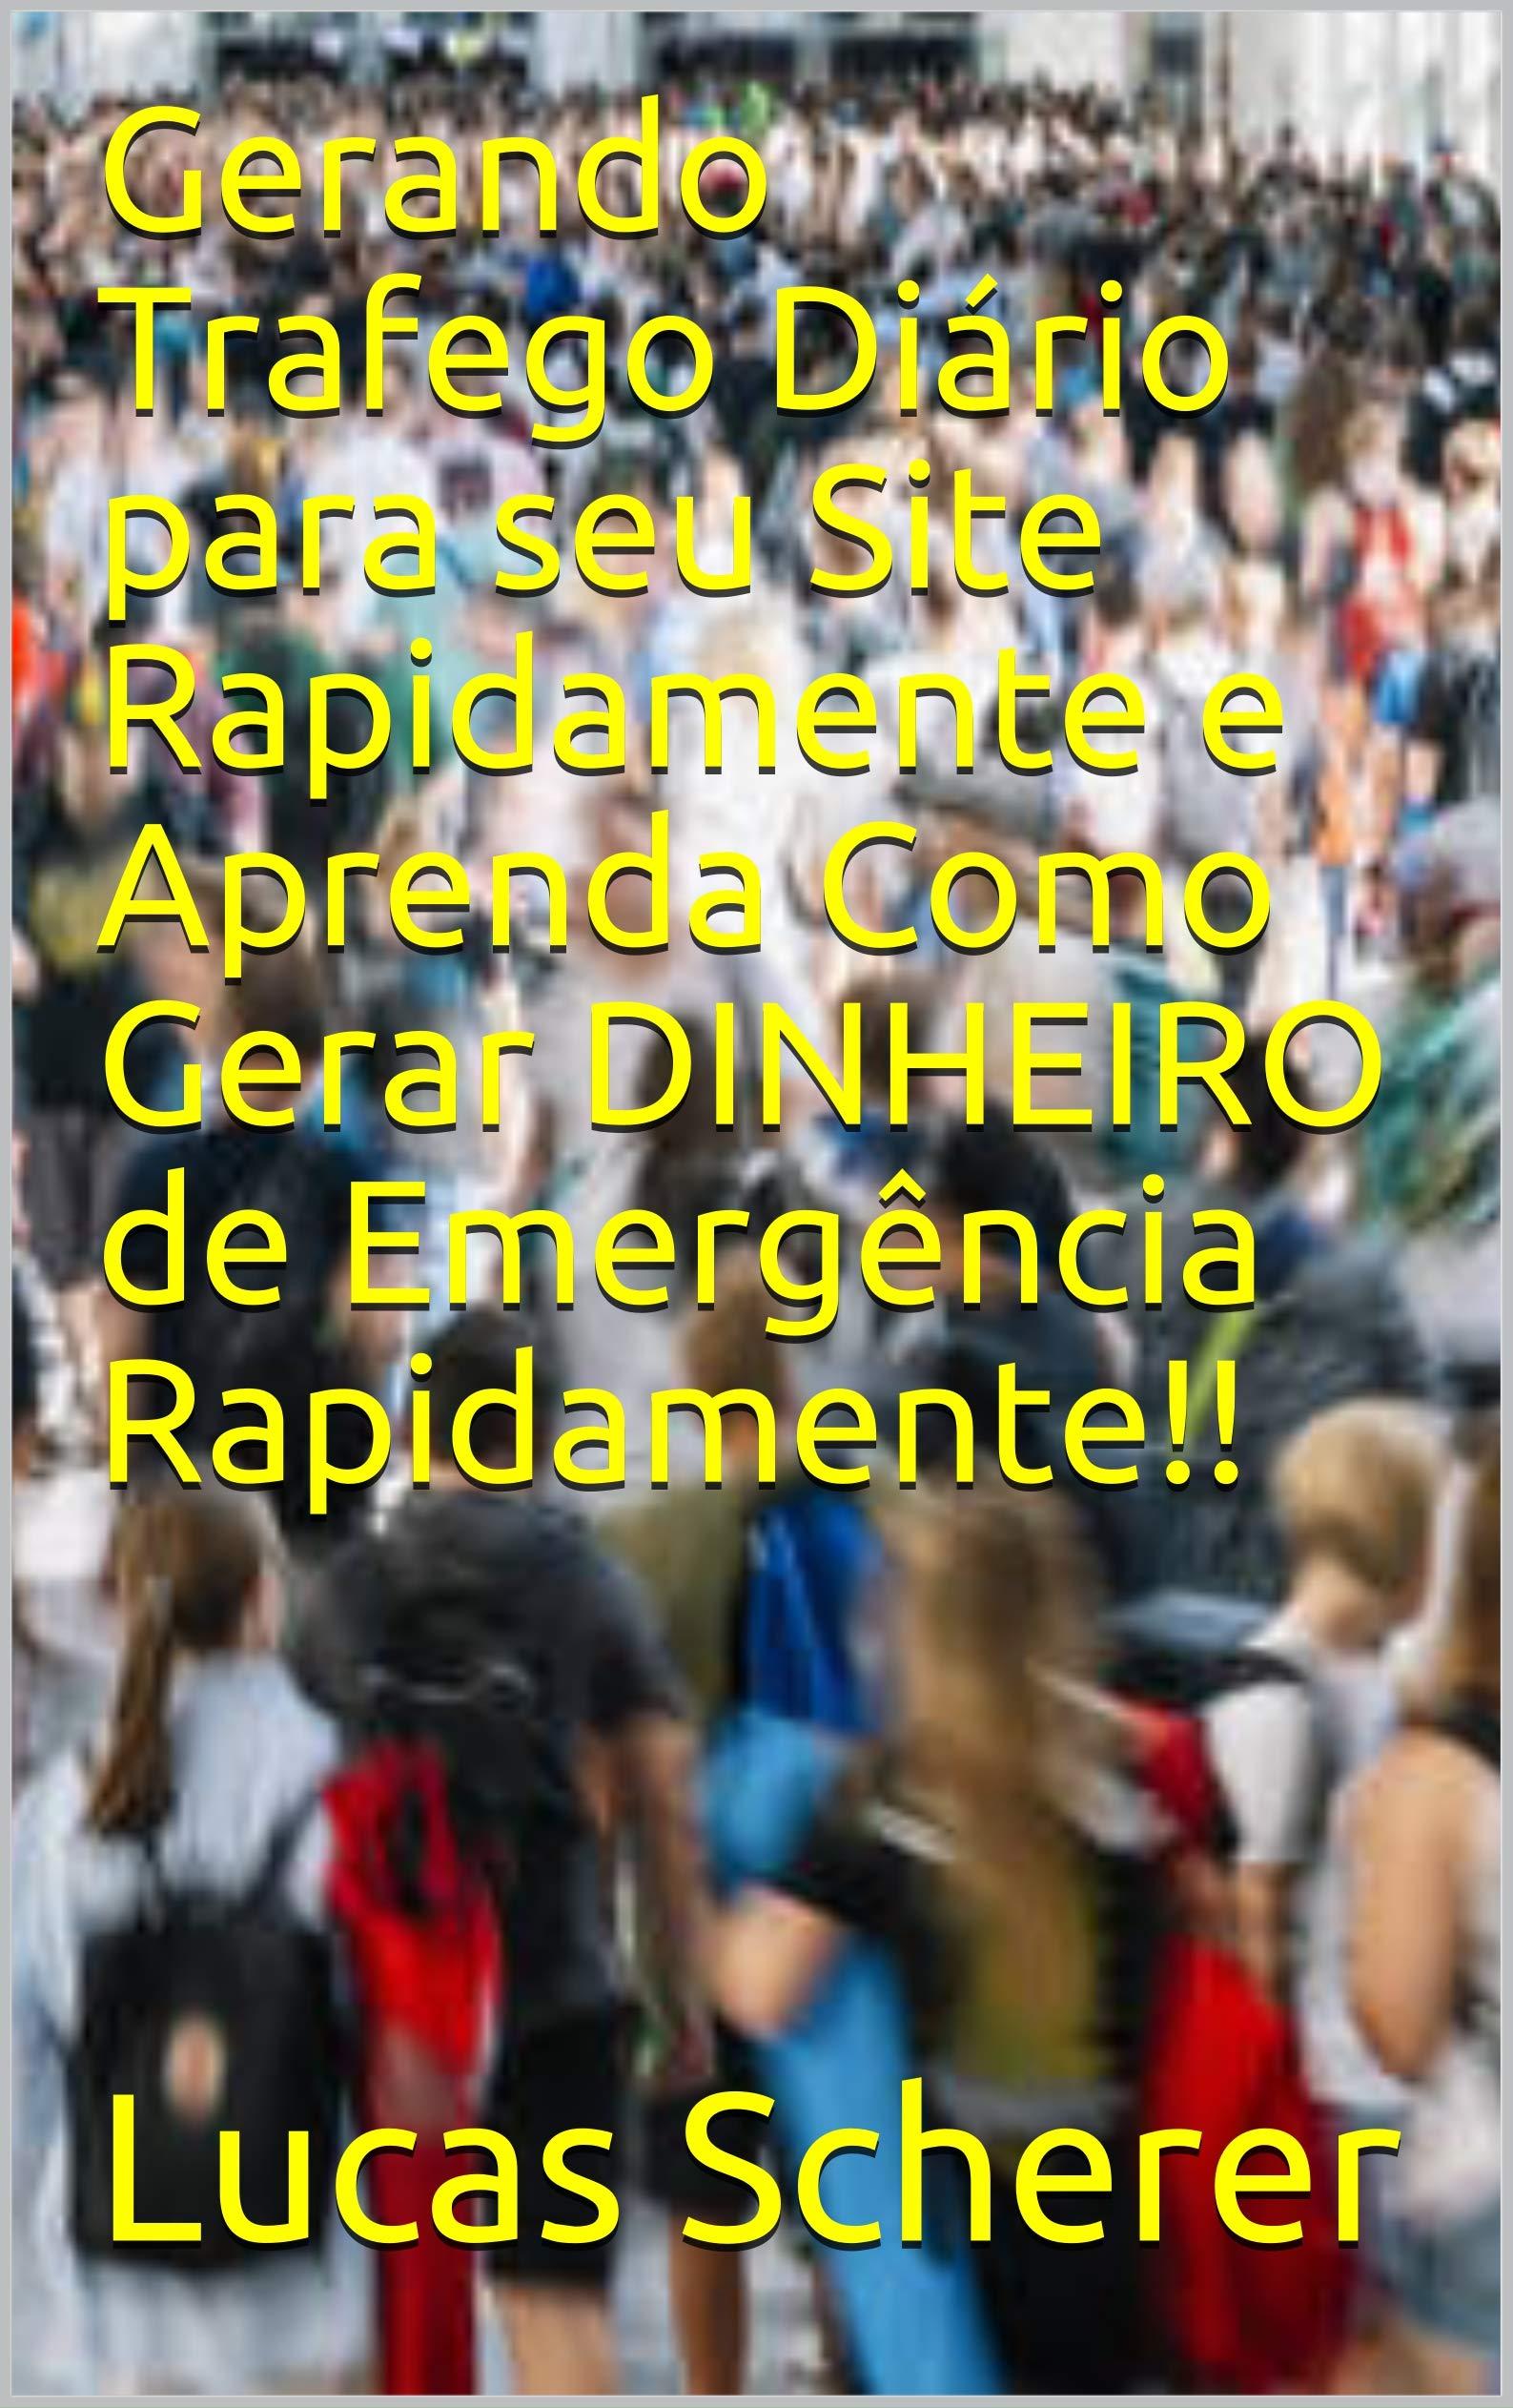 Gerando Trafego Diário para seu Site Rapidamente e Aprenda Como Gerar DINHEIRO de Emergência Rapidamente!! (Portuguese Edition)